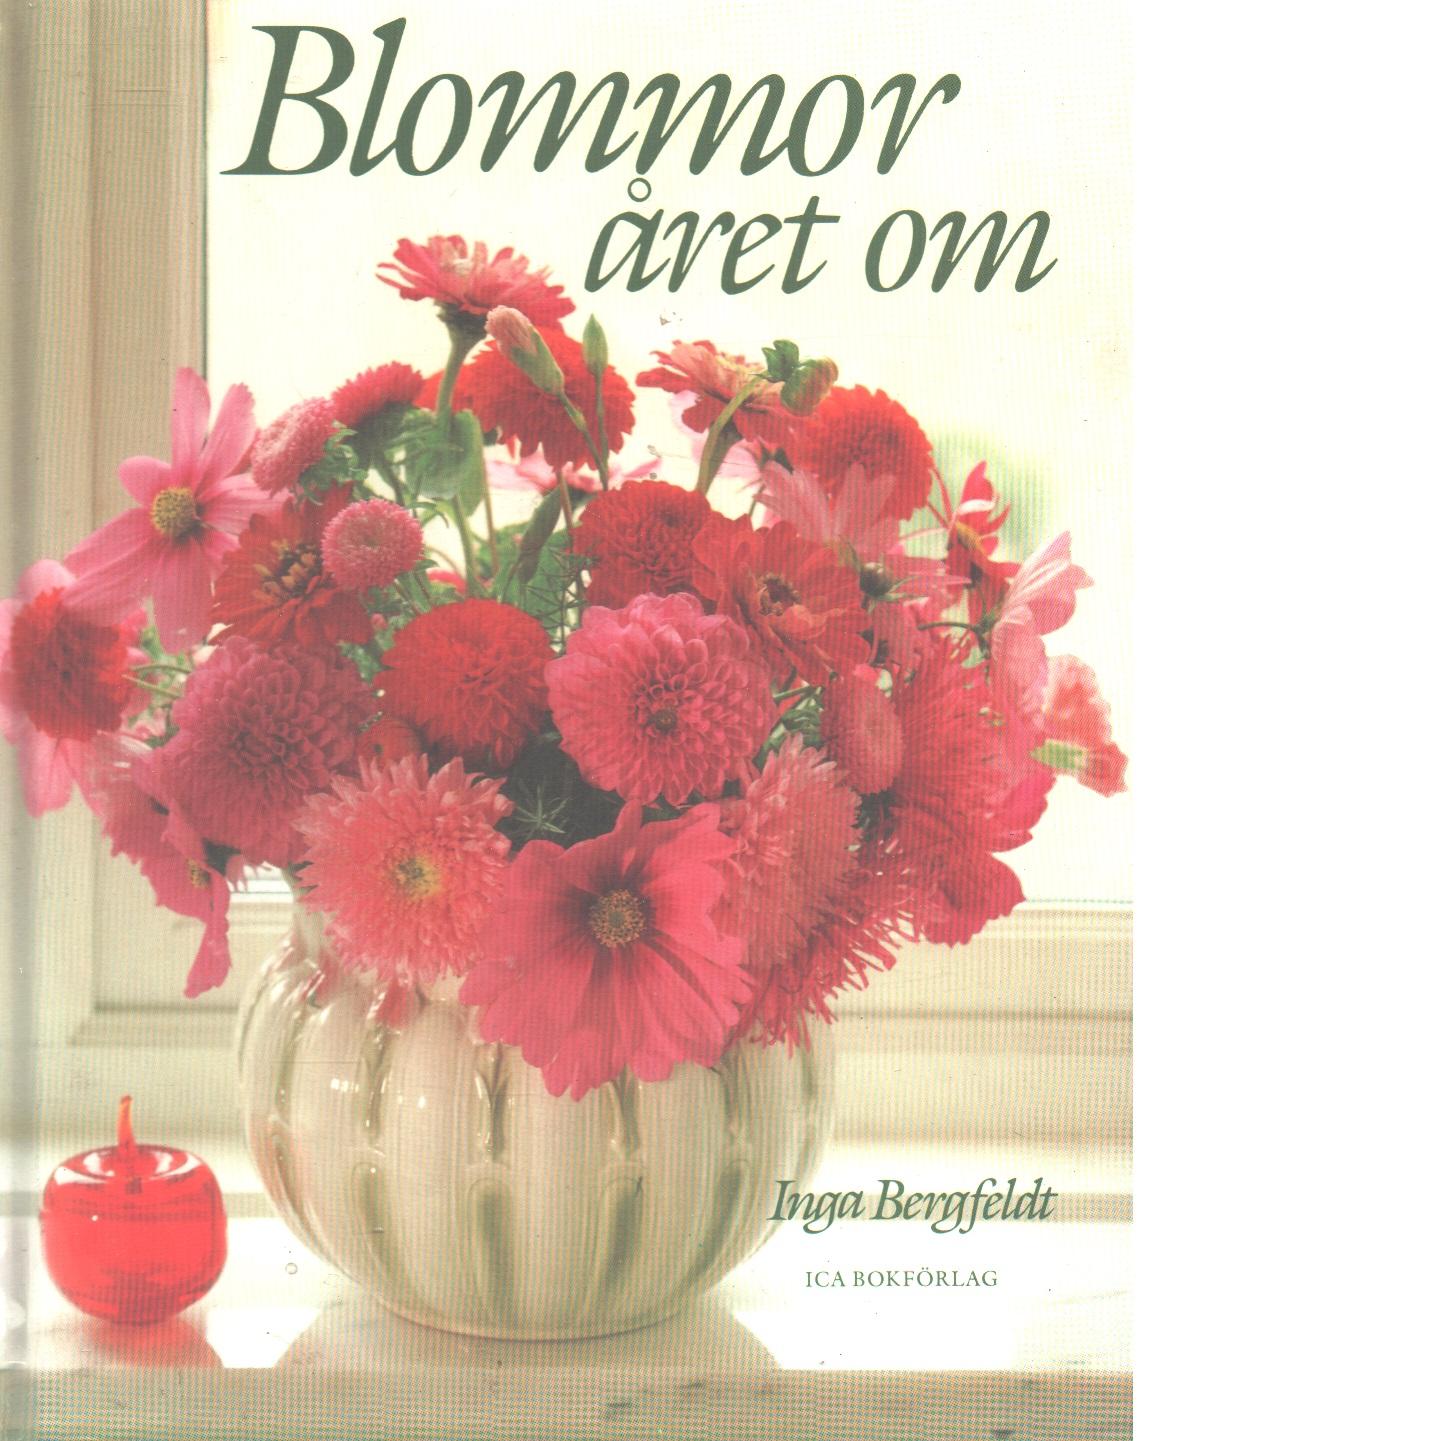 Blommor året om - Bergfeldt, Inga